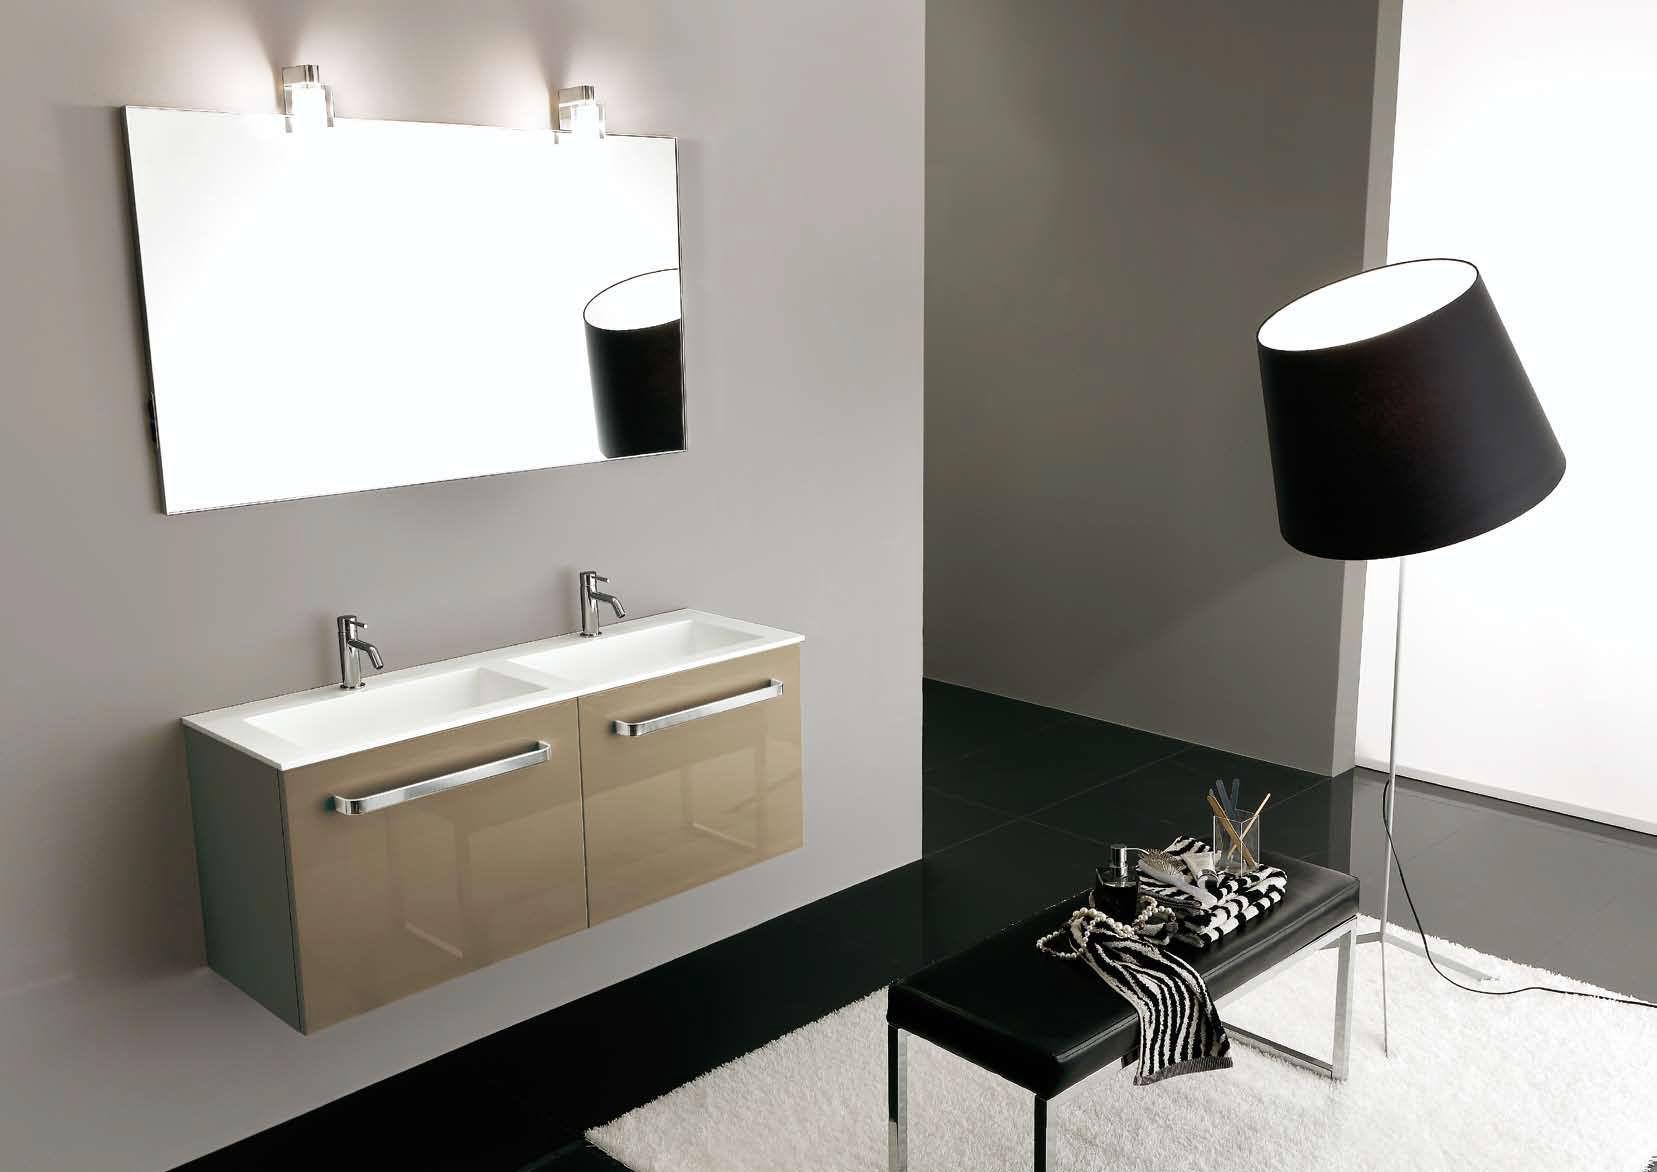 Mobile lavabo doppio / sospeso / in laminato / moderno - I40: 100 ...